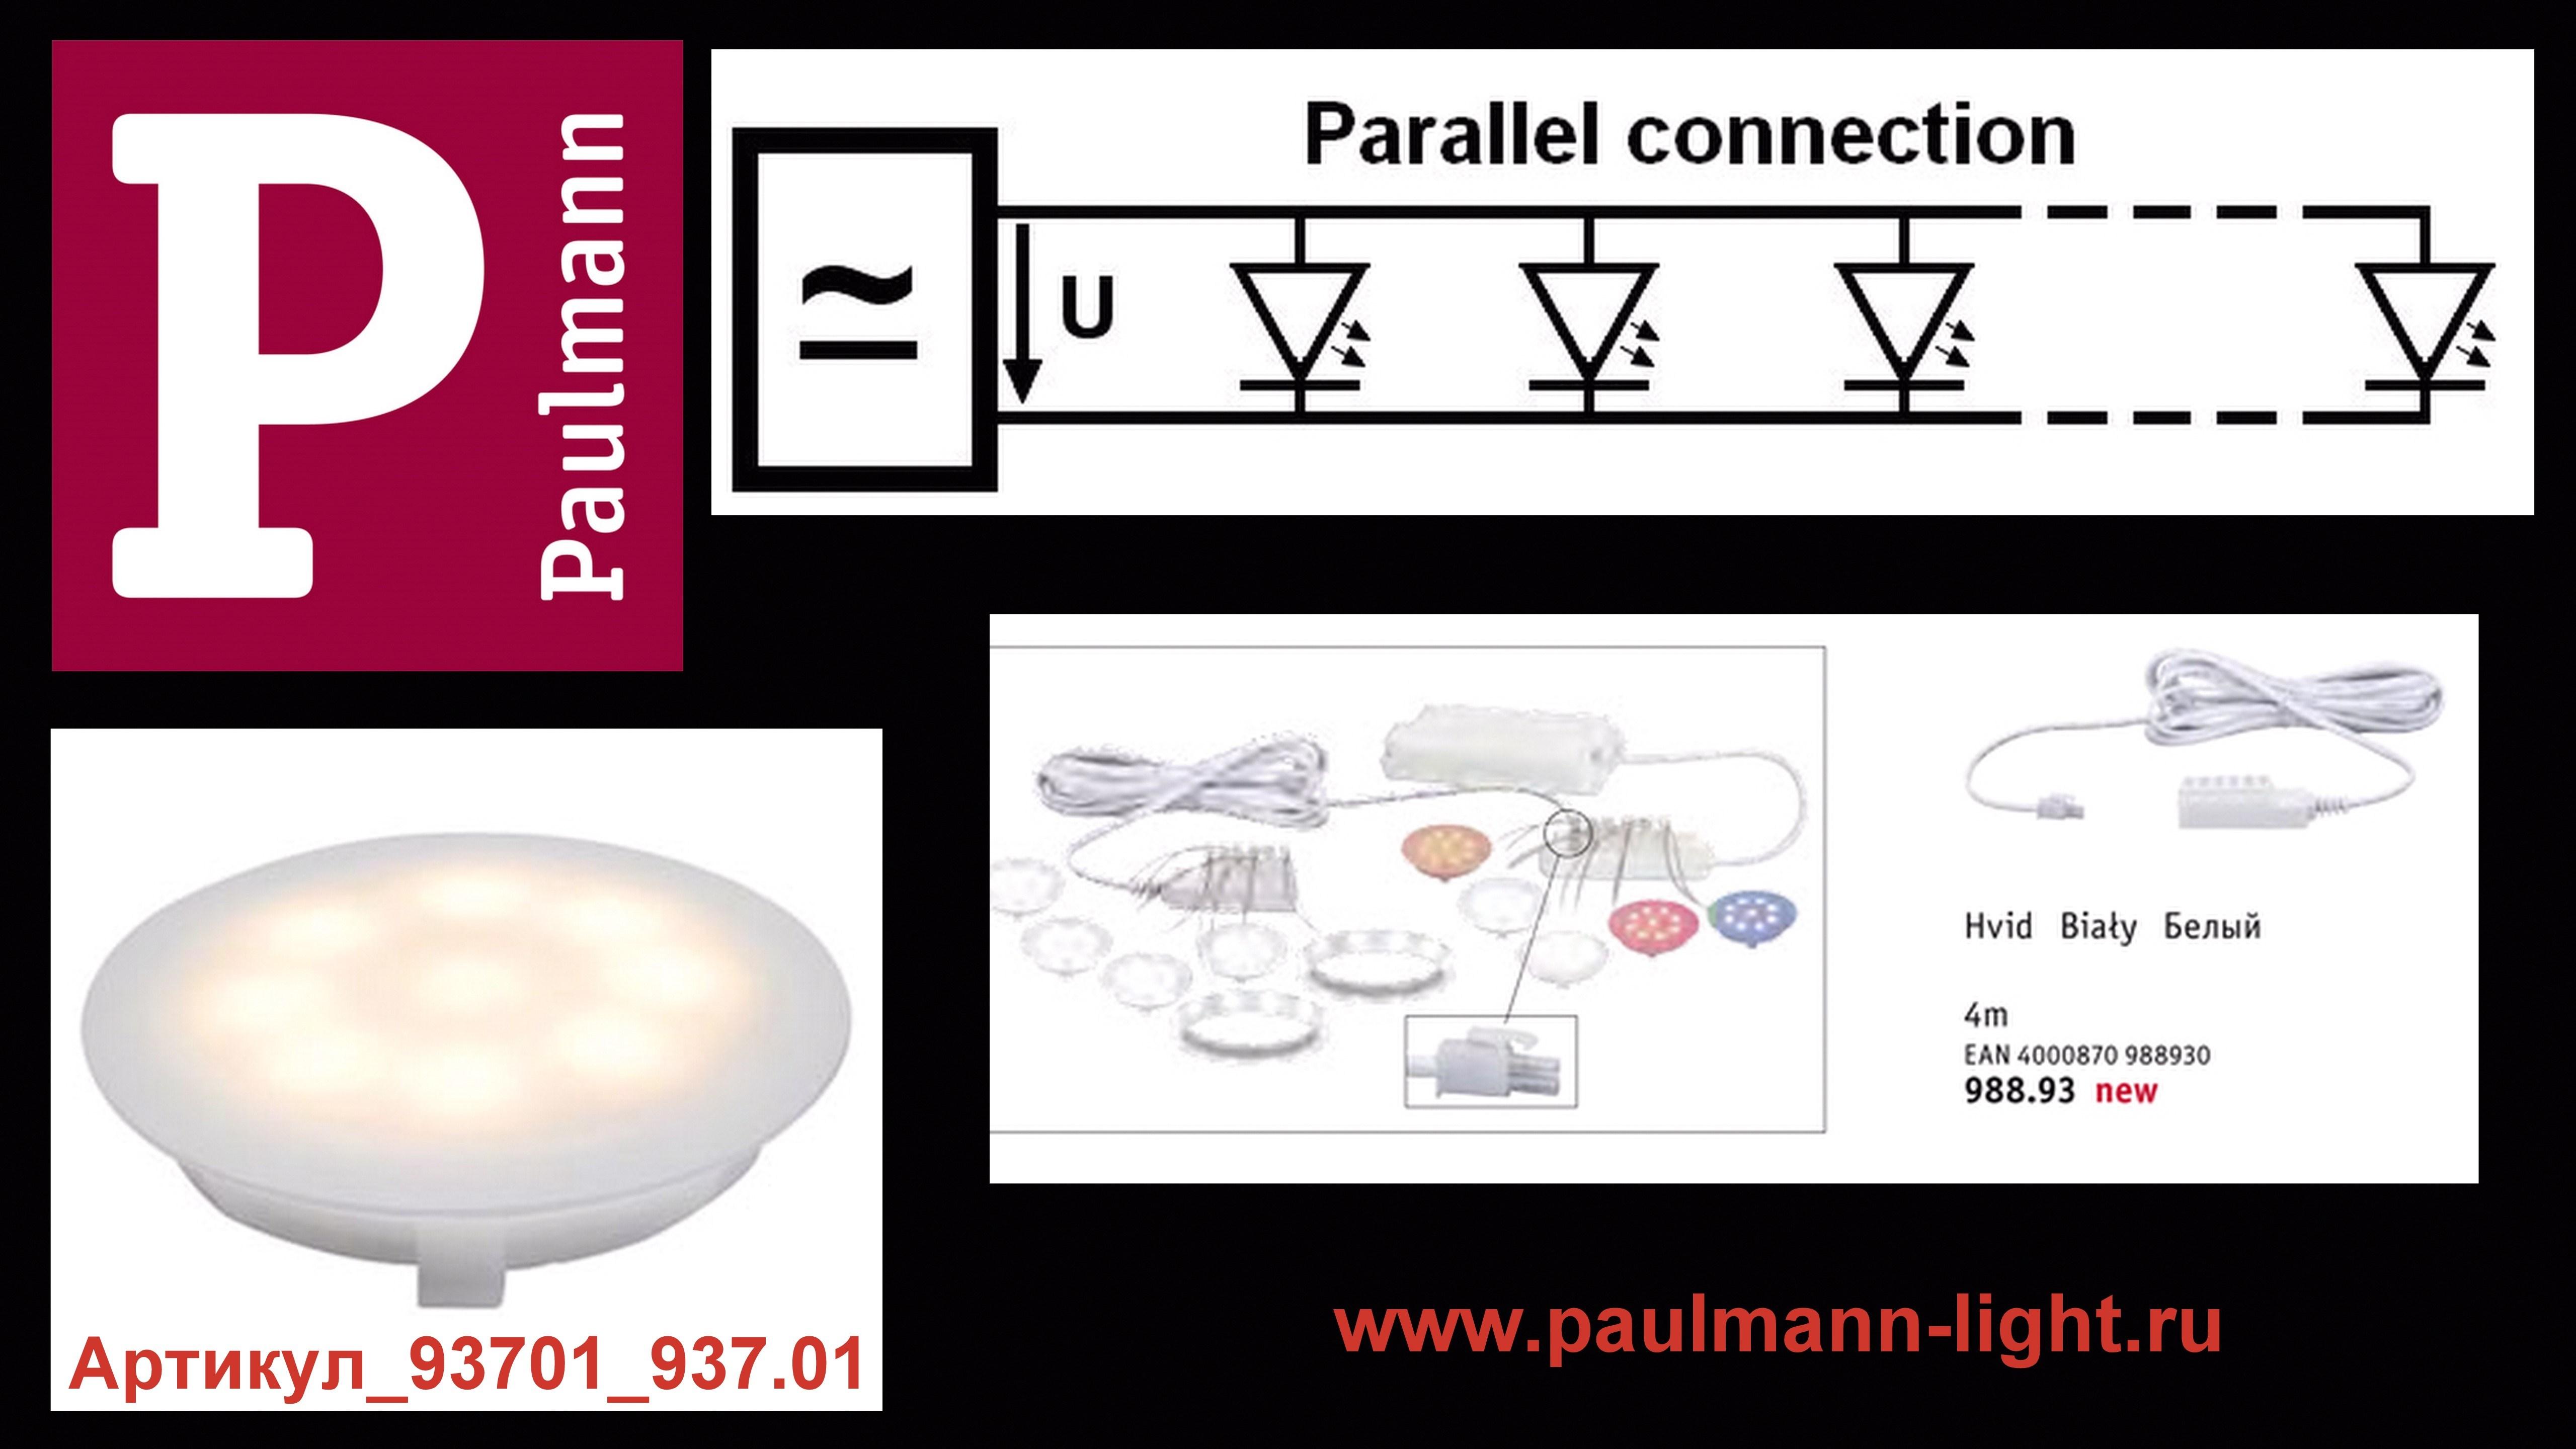 Paulmann_параллельное подключение светодиодных модулей